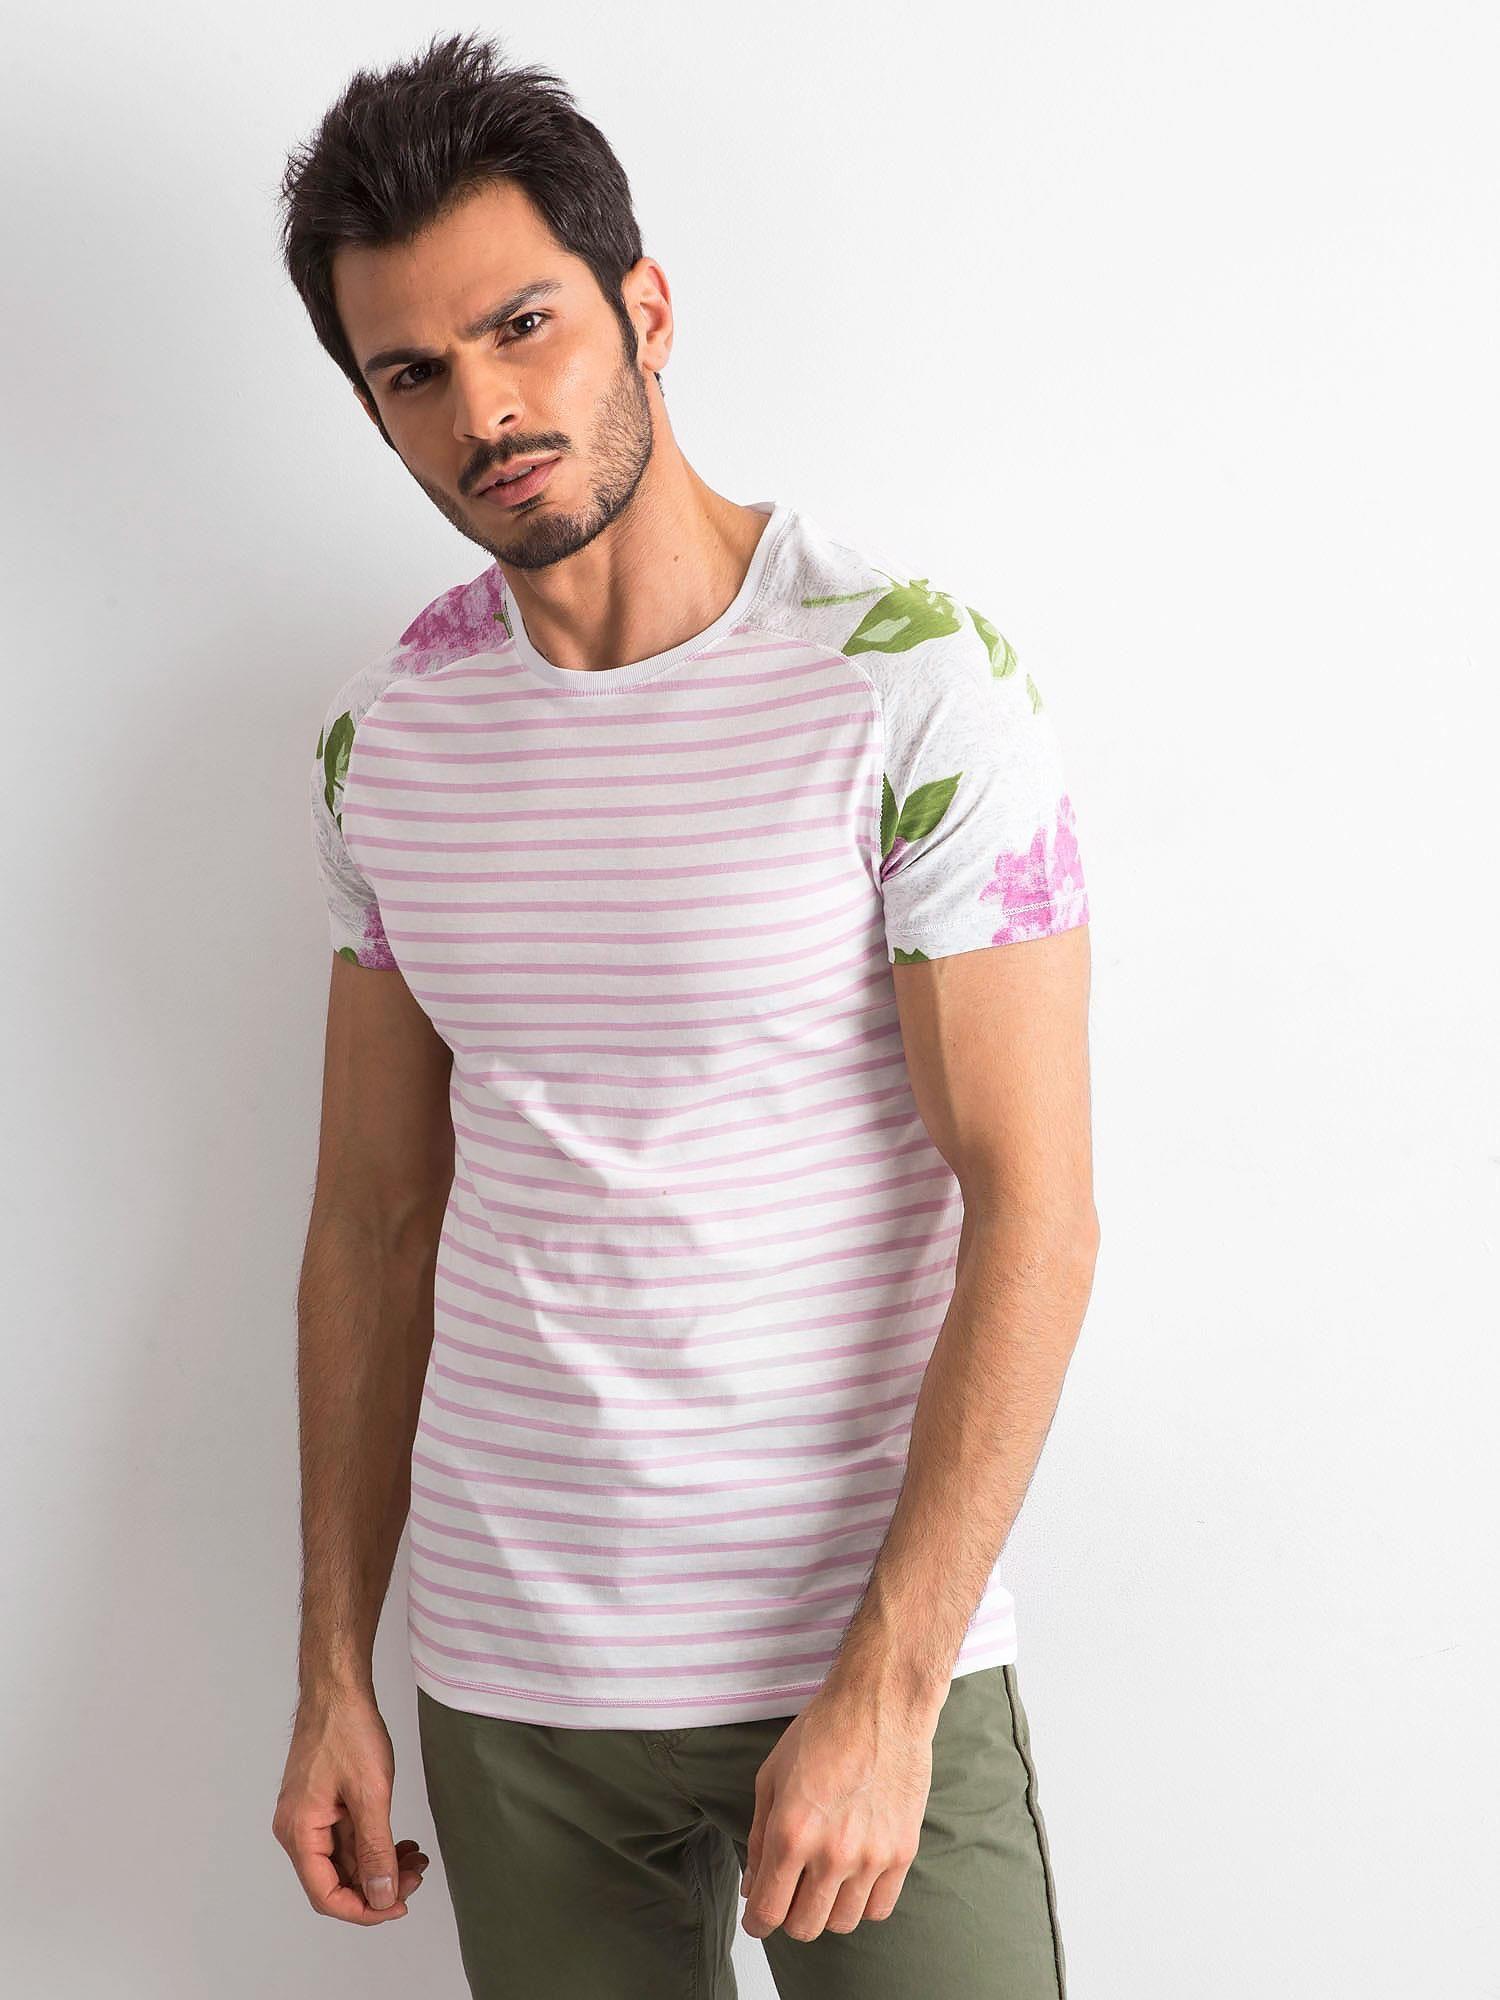 Pánské tričko s pruhy a květinami v bílé a růžové barvě